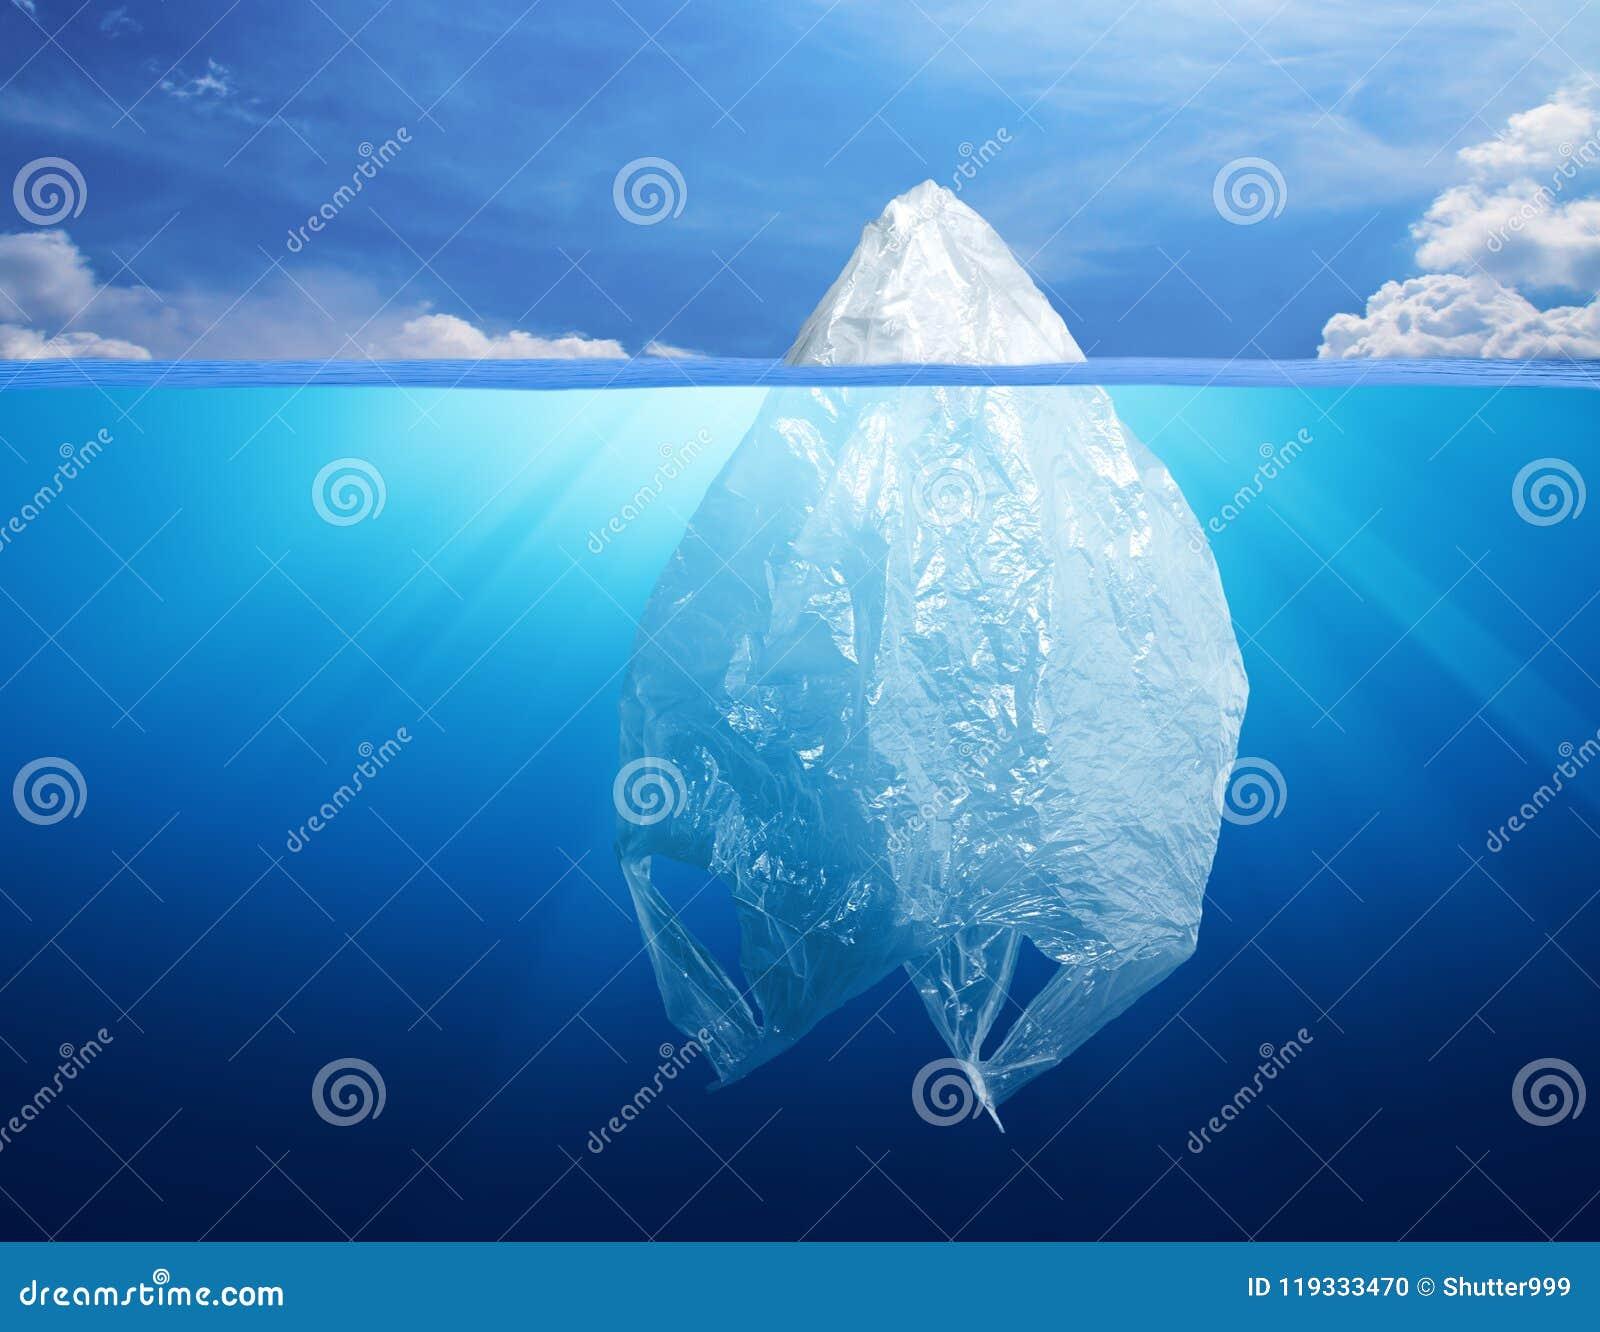 Poluição do ambiente do saco de plástico com iceberg